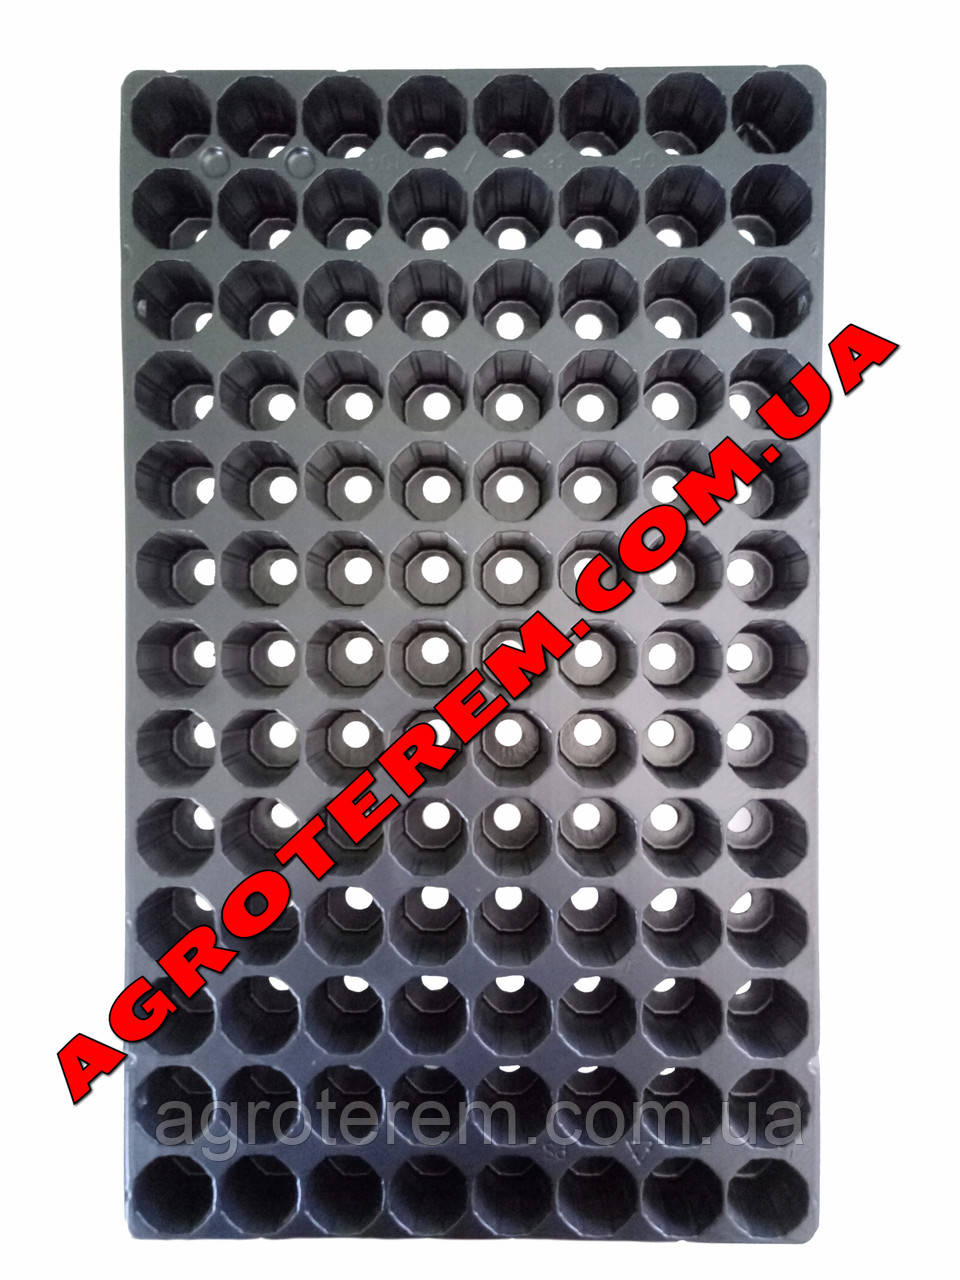 Кассеты для рассады Польша 104 ячеек,размер 315х525 мм,толщина стенки 0,55 мм